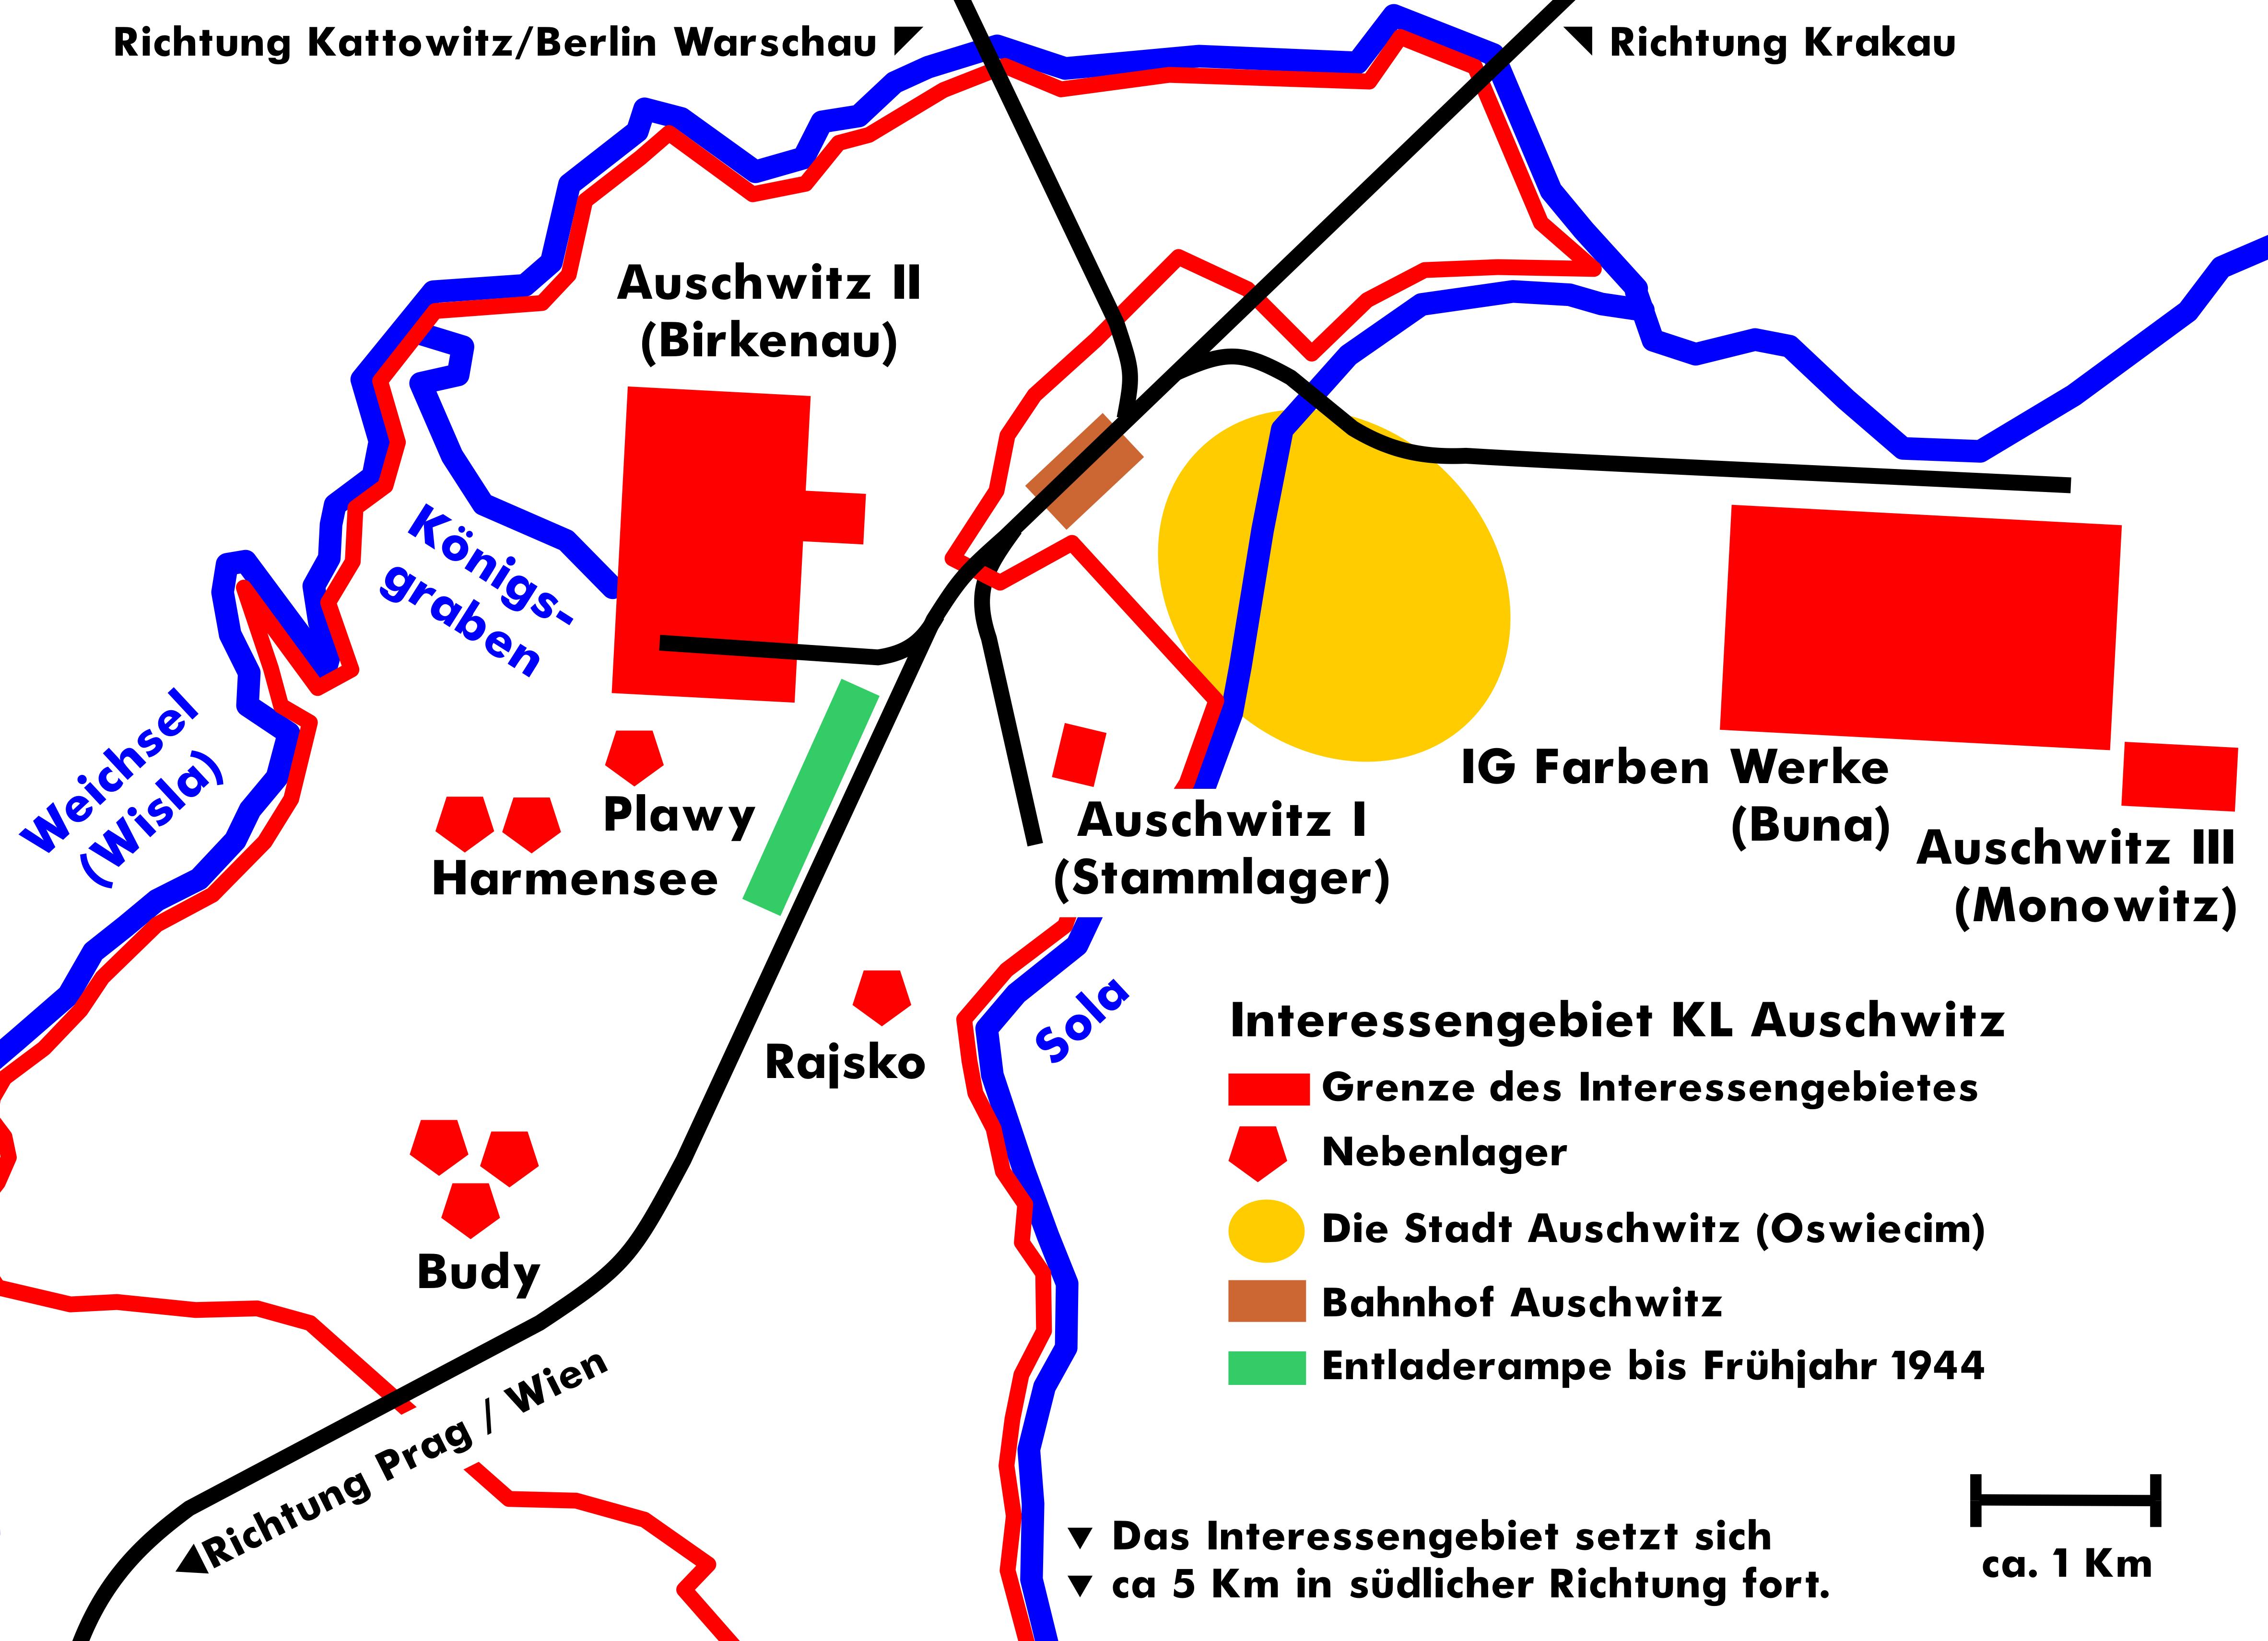 Auschwitz Karte.Datei Karte Interessengebiet Kl Auschwitz Png Wikipedia